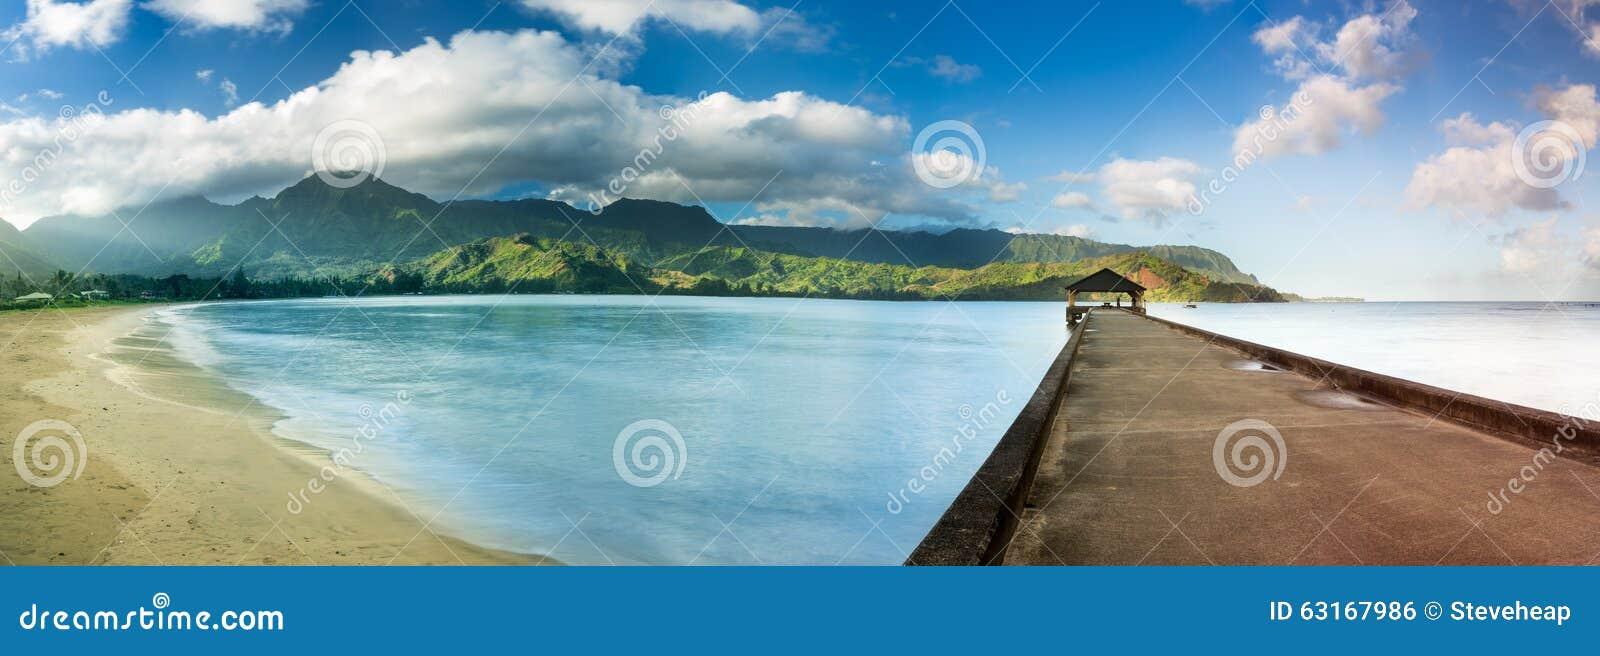 Panorama con pantalla grande de la bahía y del embarcadero de Hanalei en Kauai Hawaii